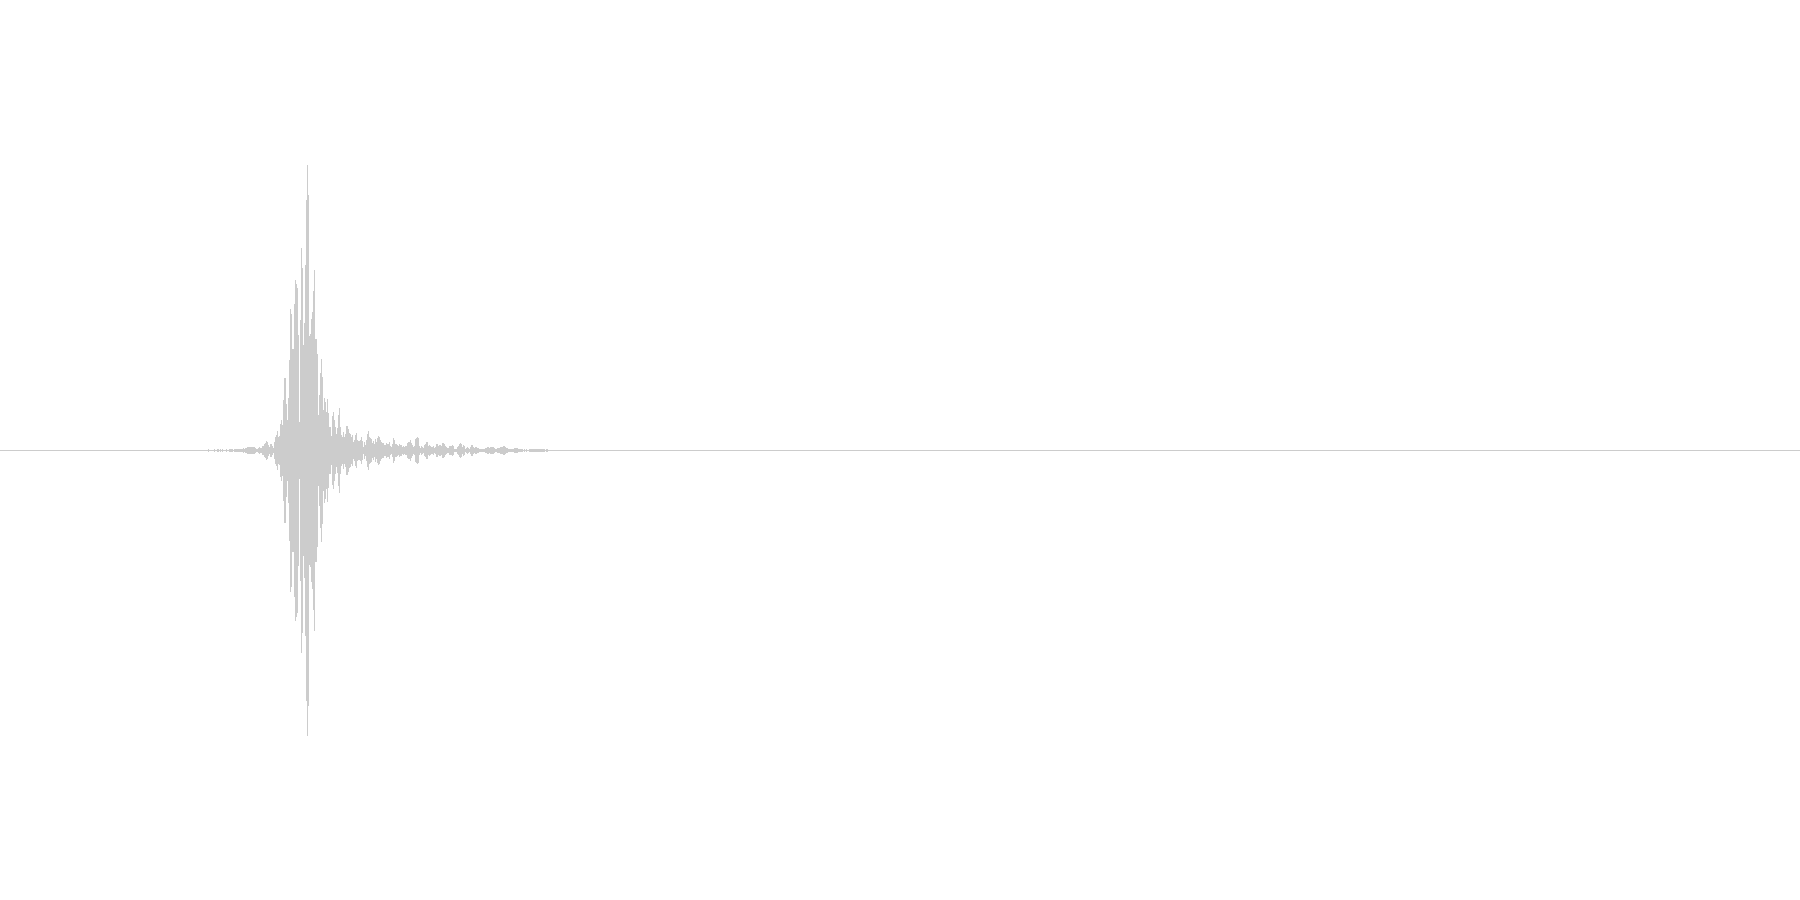 ヒュッ(素振り、ミス、スイング、高め)の未再生の波形